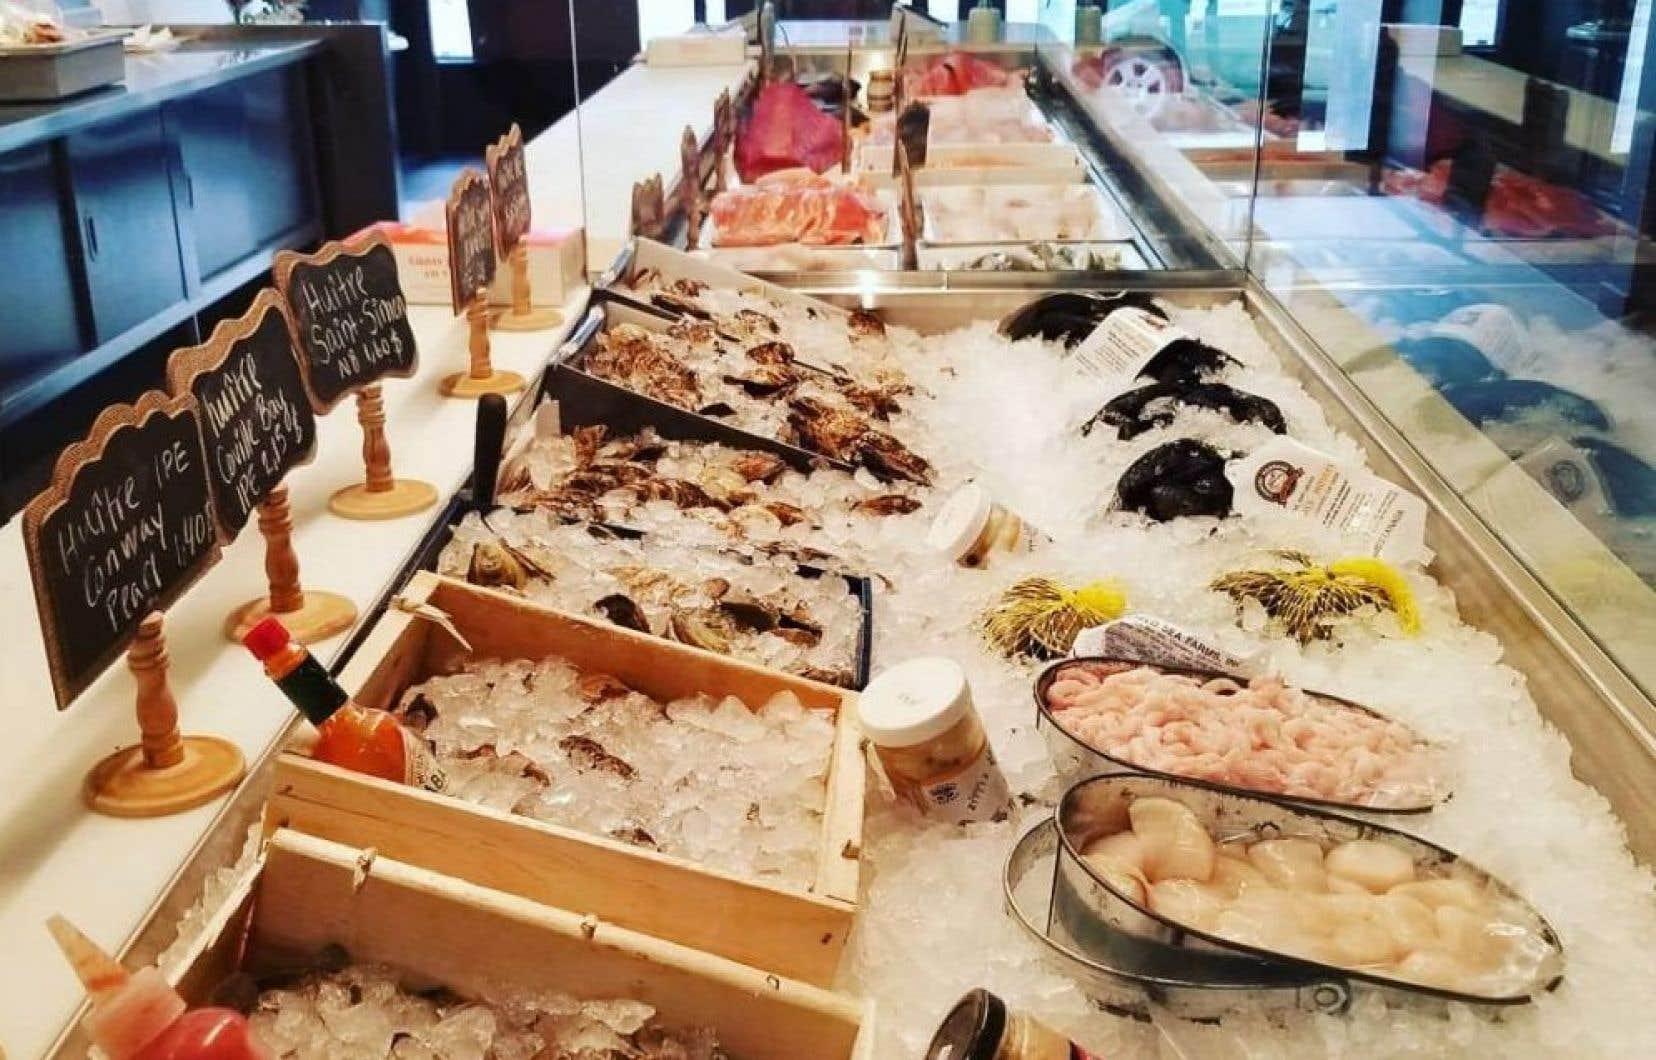 À la poissonnerie Ô, qui a ouvert ses portes l'automne dernier, le comptoir est rempli de poissons et de fruits de mer du Québec et des provinces voisines.